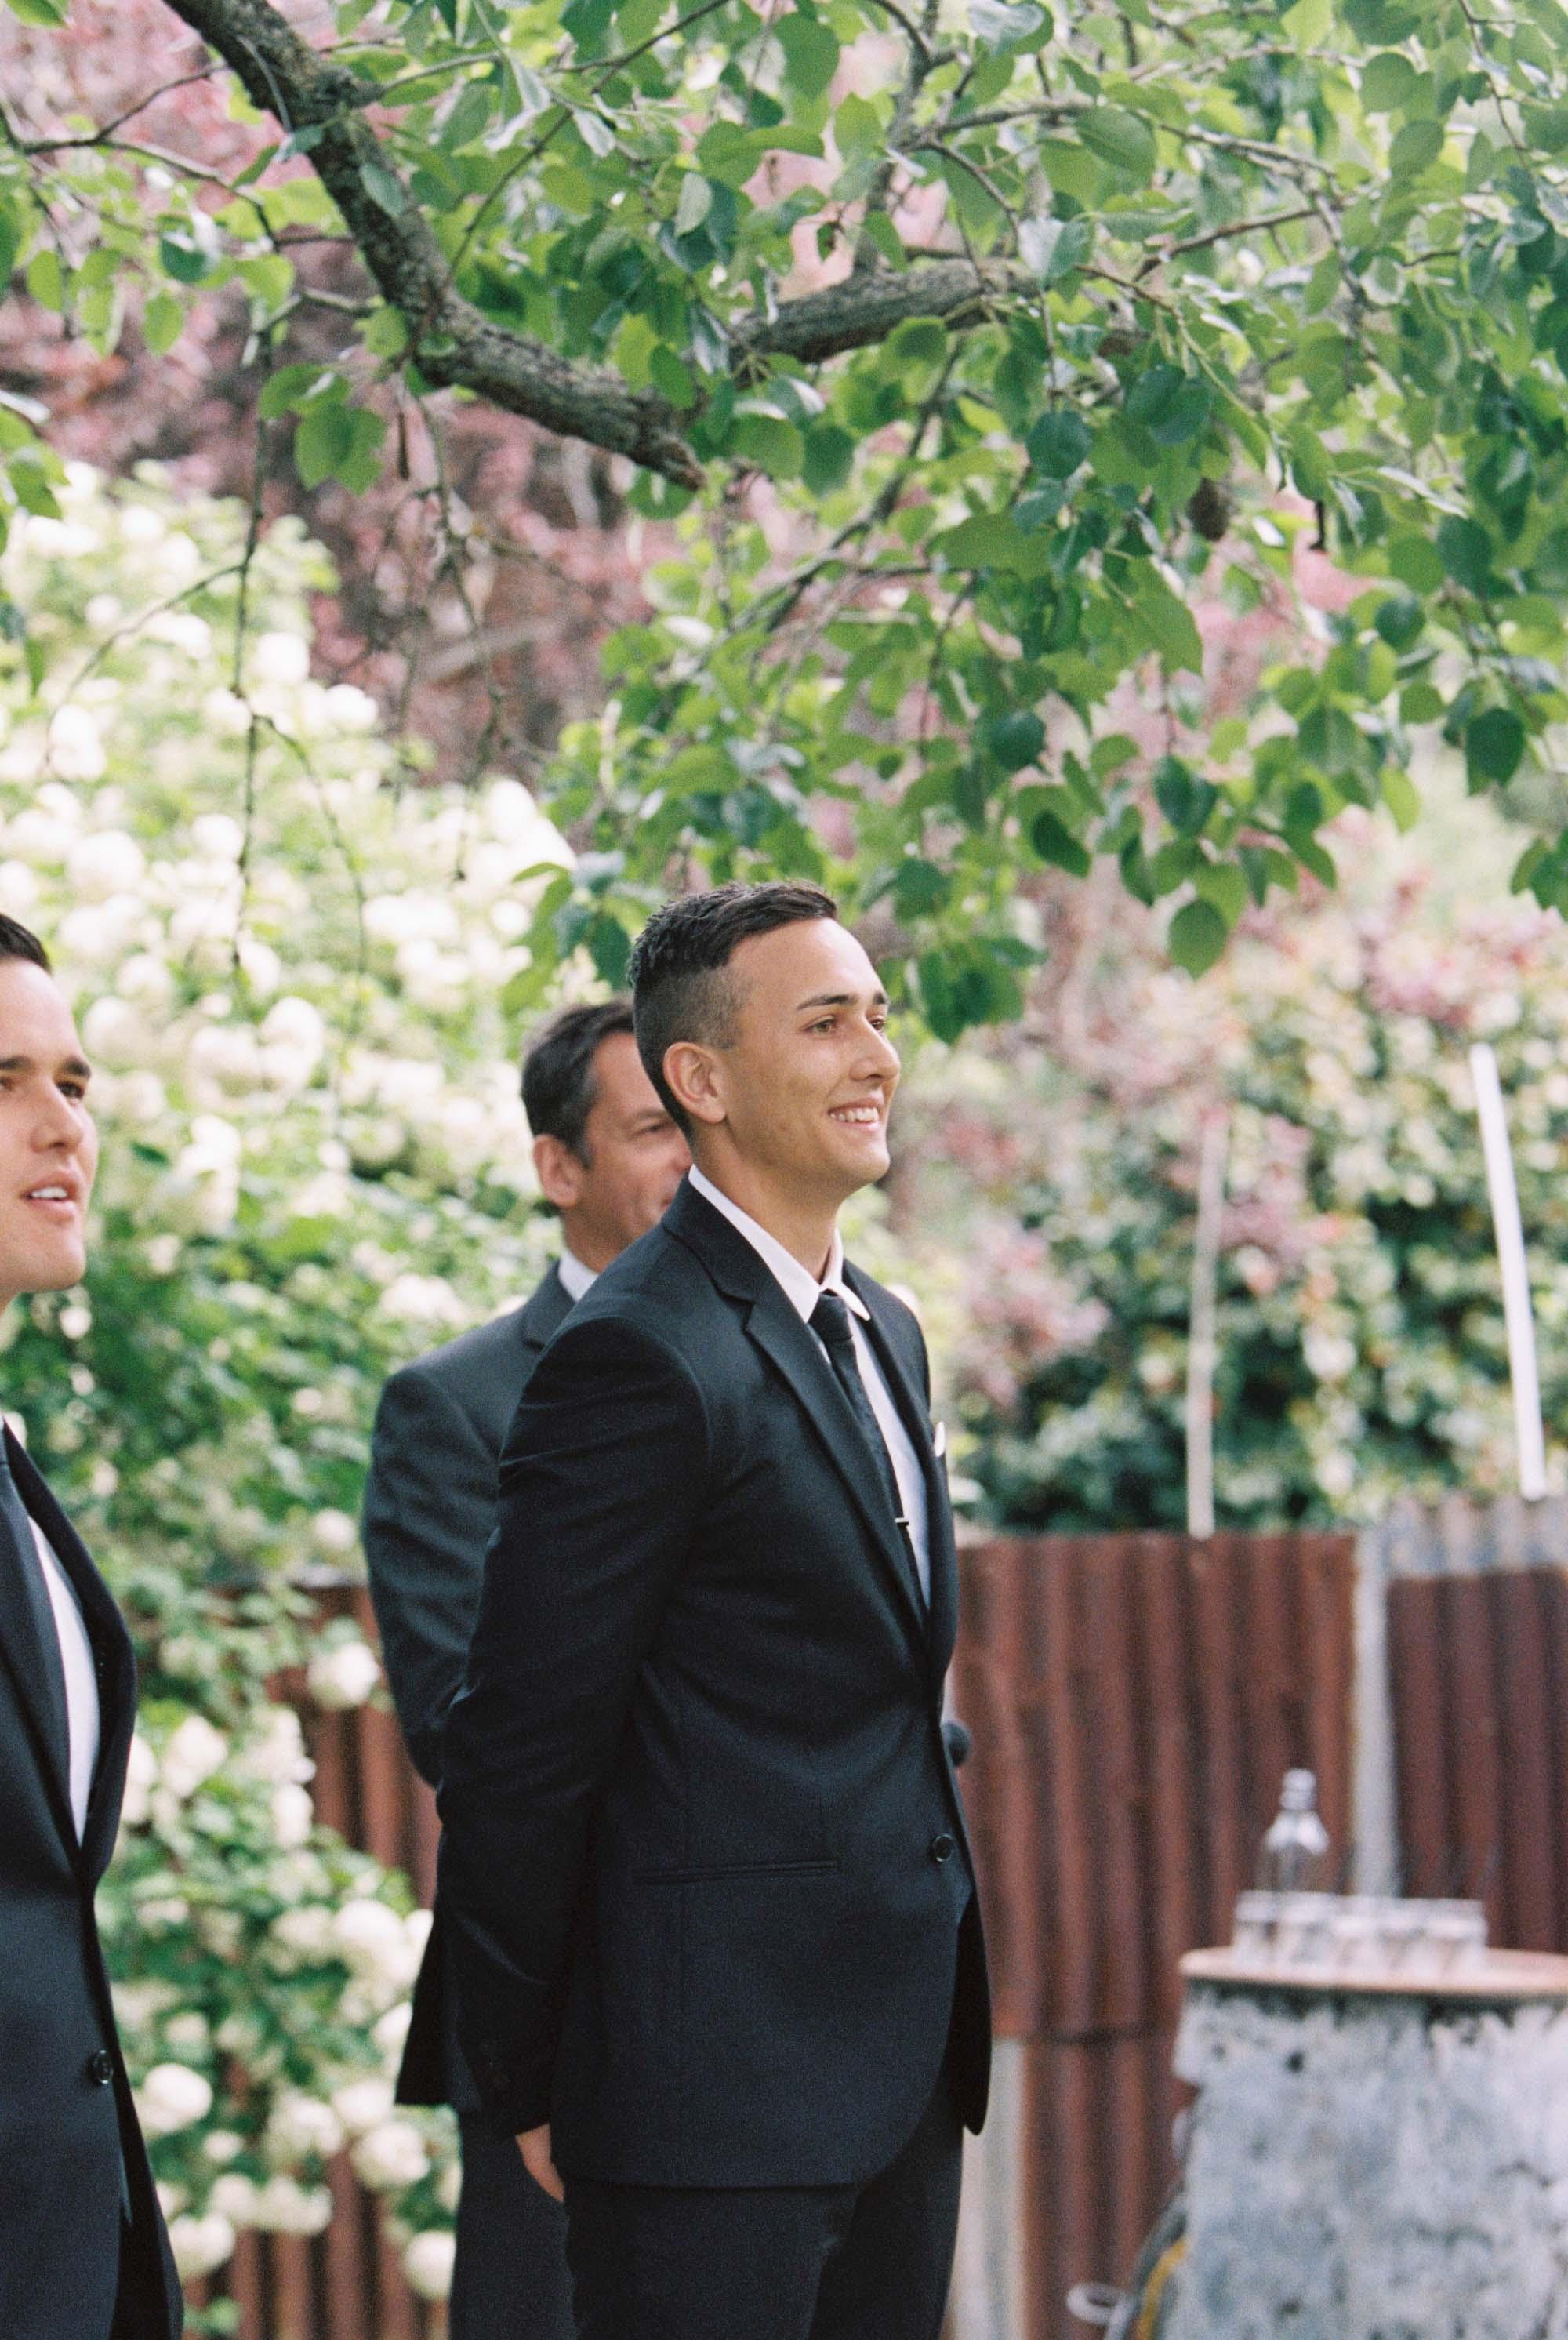 Whitehouse-hahndorf-wedding-photography-041.jpg